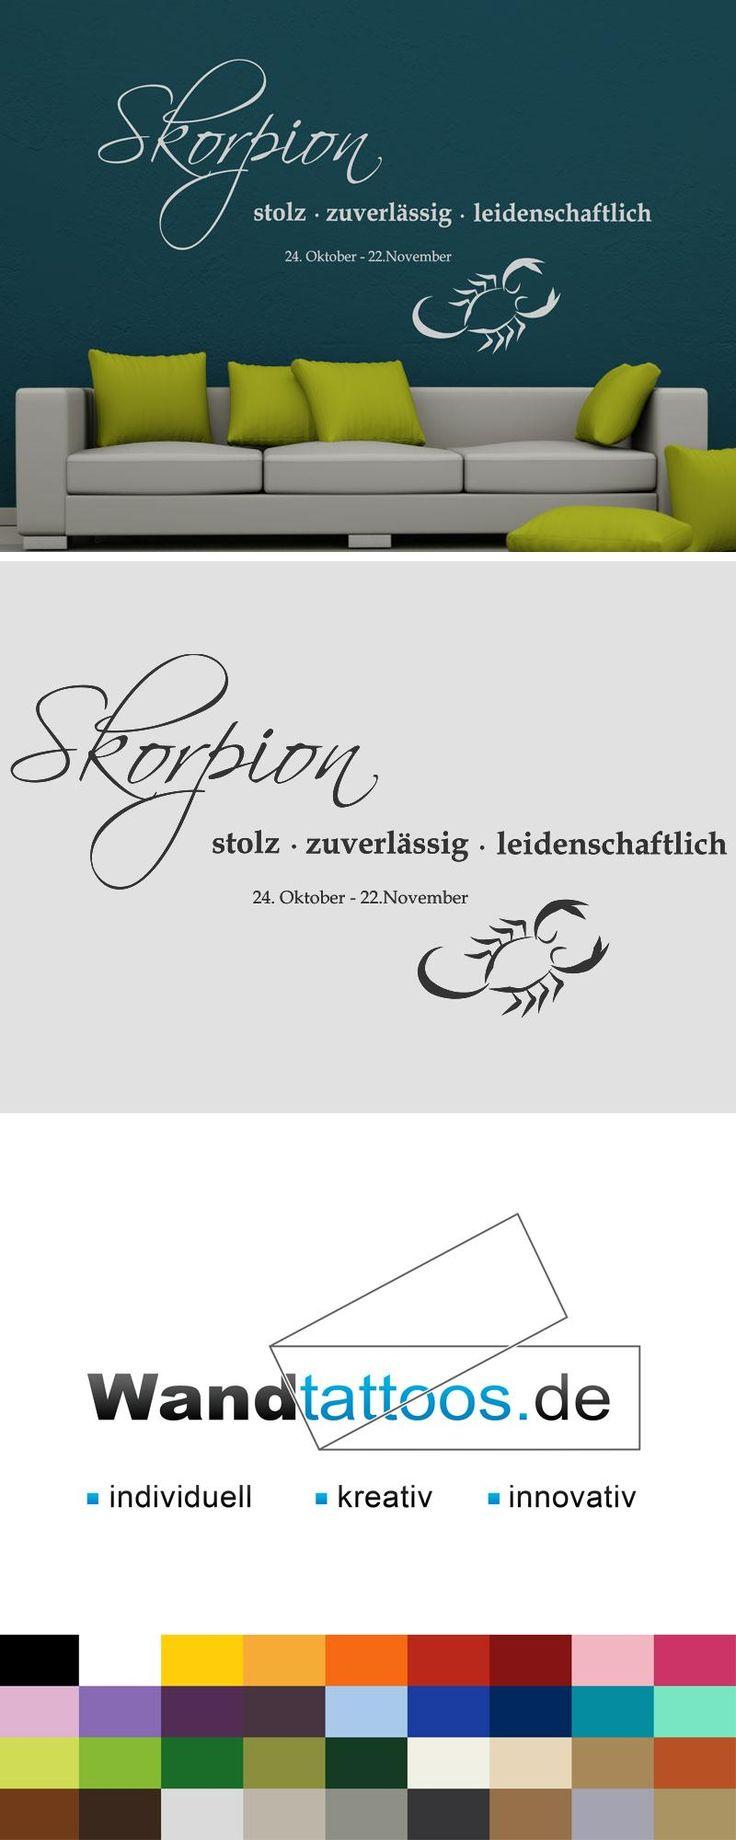 """Wandtattoo Sternzeichen """"Skorpion"""" als Idee zur individuellen Wandgestaltung. Einfach Lieblingsfarbe und Größe auswählen. Weitere kreative Anregungen von Wandtattoos.de hier entdecken!"""